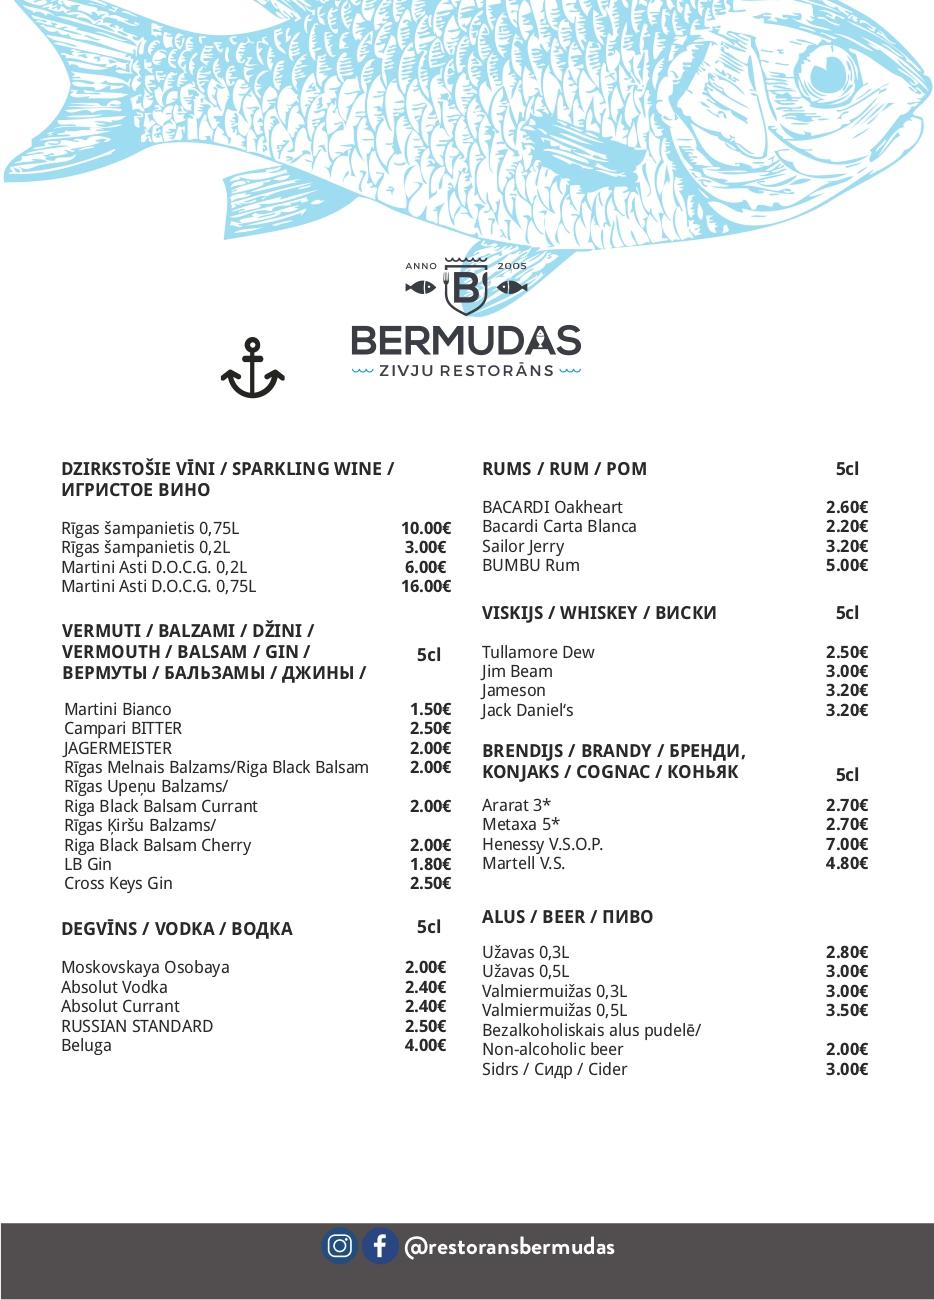 BERMUDAS - edienkarte 2021 - web 1-8_page-0002